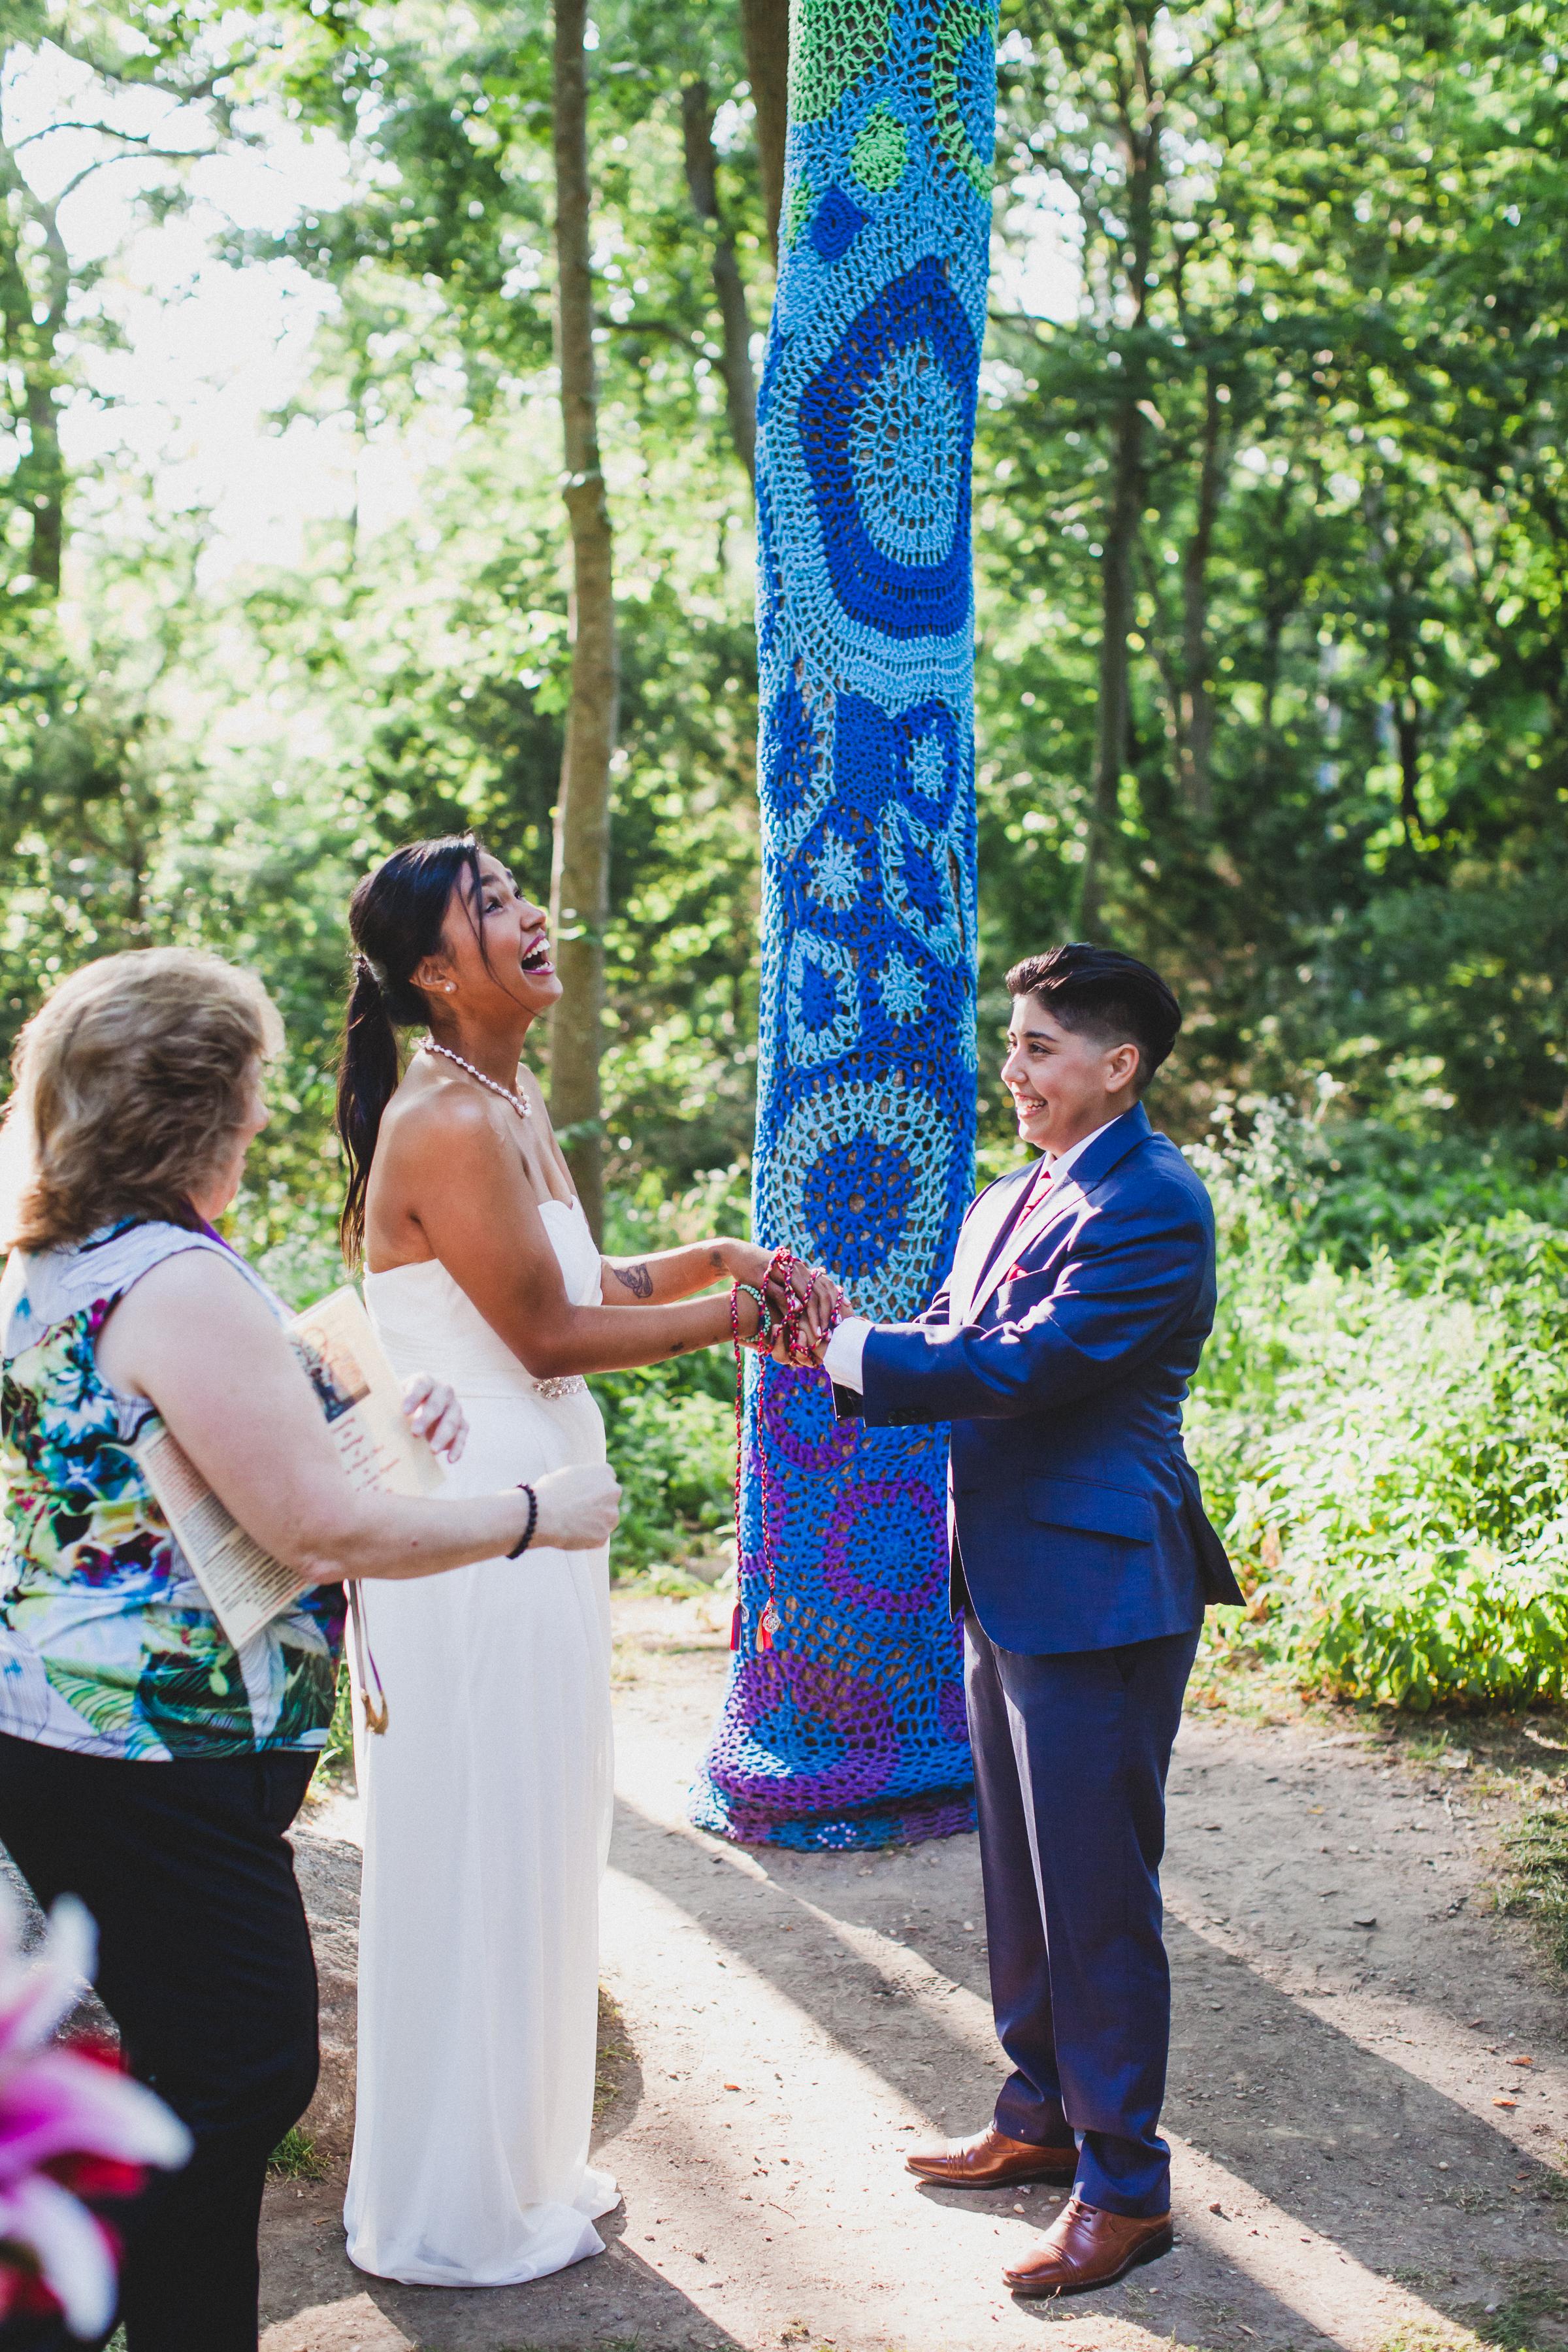 Long-Island-Documentary-Wedding-Photographer-Avalon-Park-Wedding-Photos-25.jpg